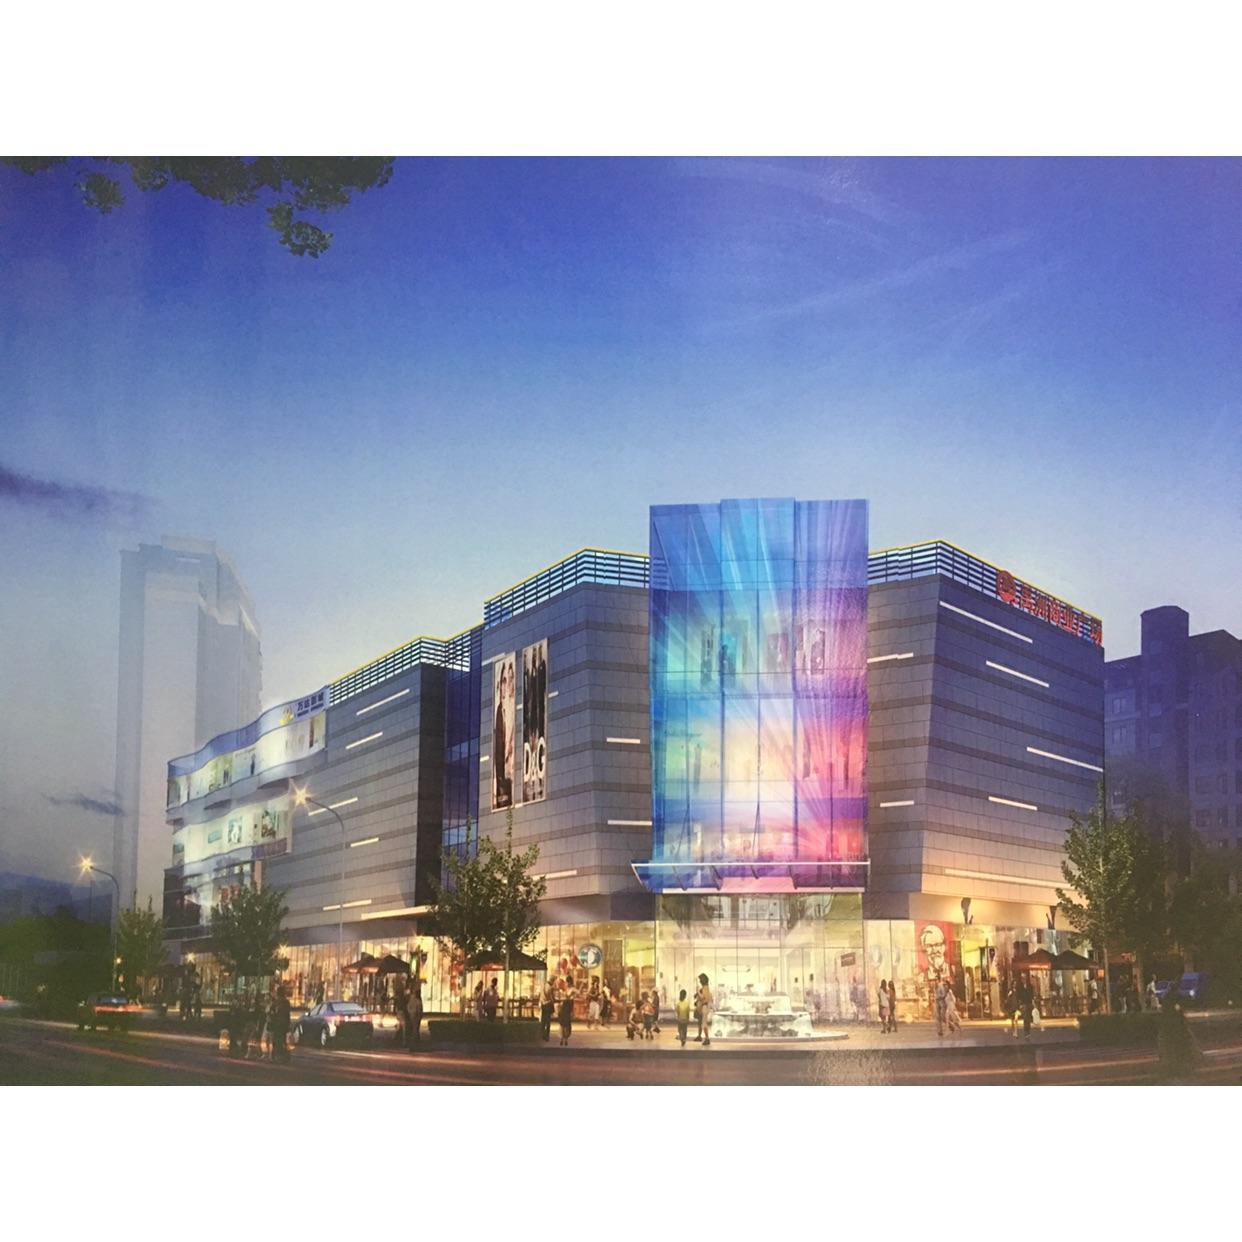 苏州望亭禹洲商业广场